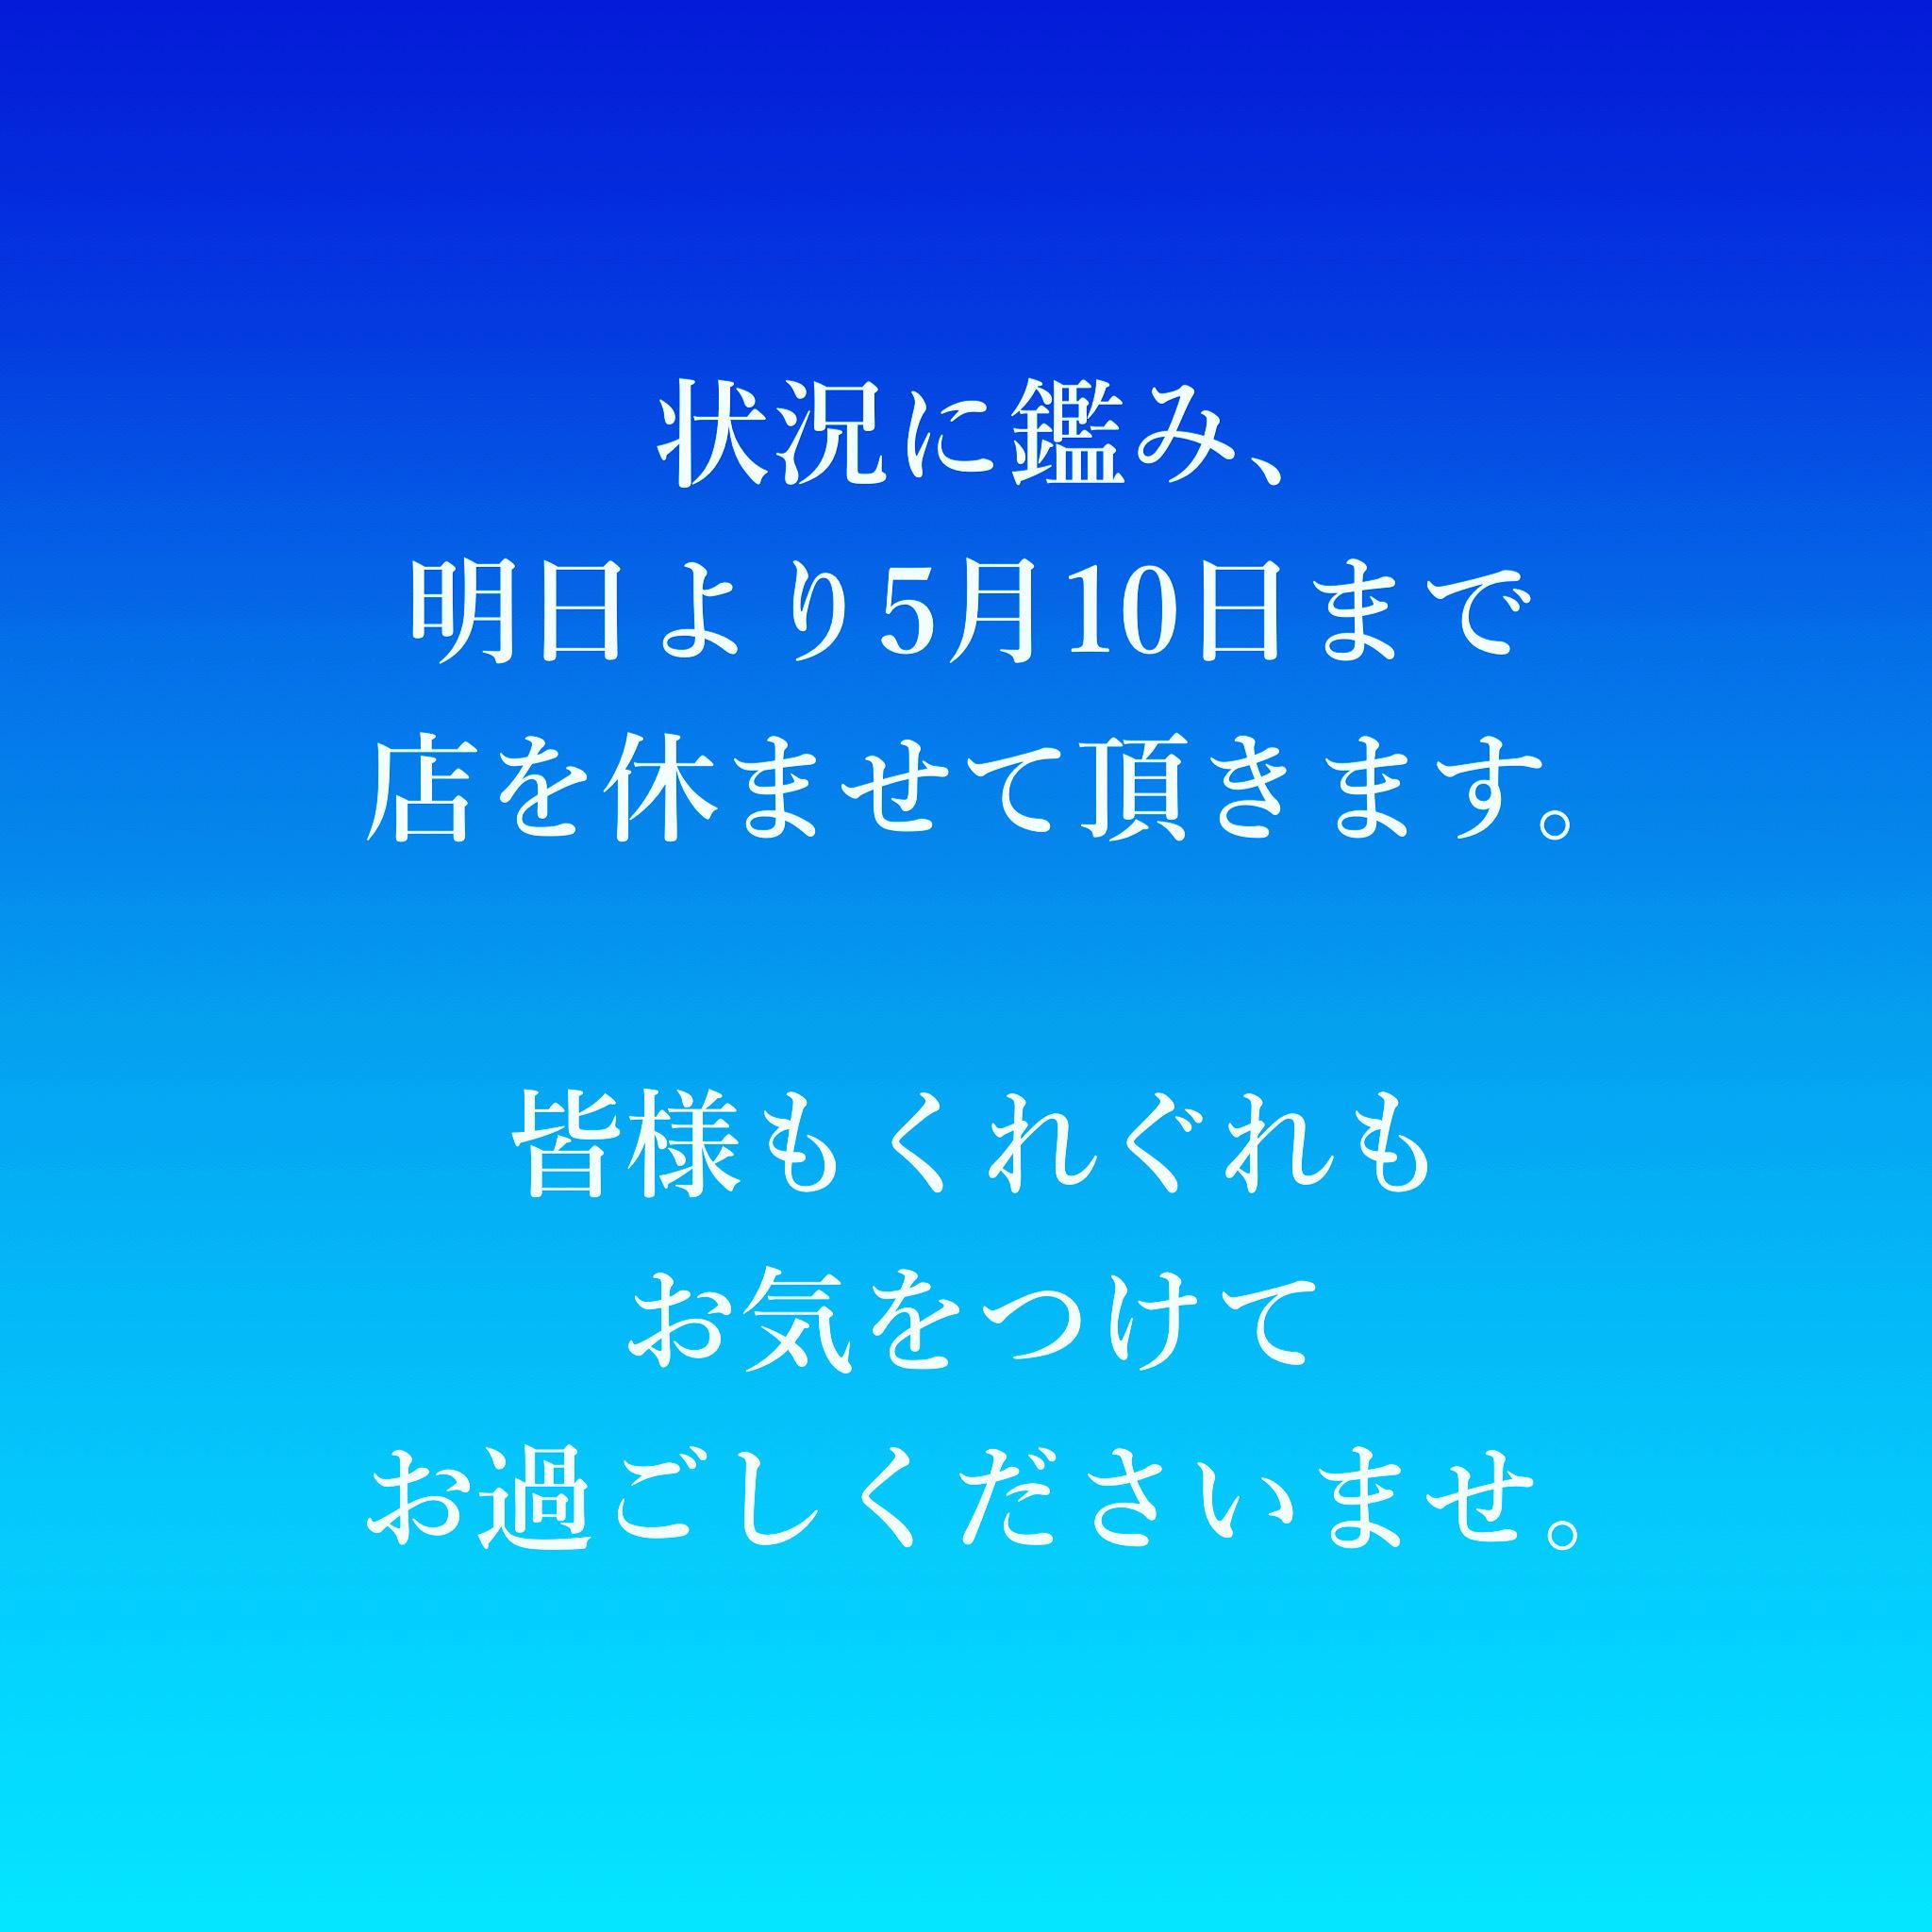 臨時休業_c0127428_19153847.jpeg